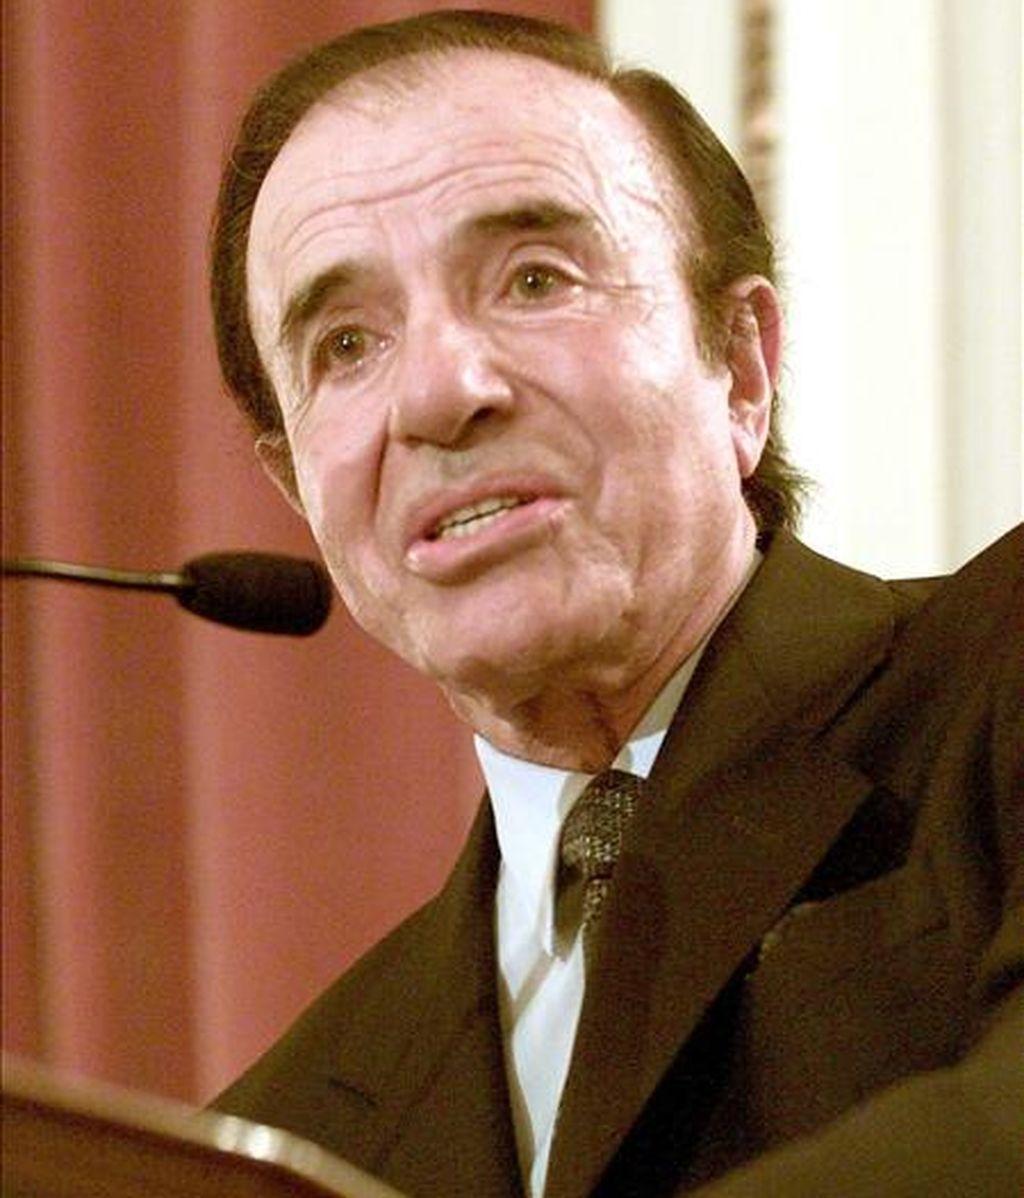 En la imagen el ex presidente y candidato presidencial de Argentina Carlos Menem. EFE/archivo